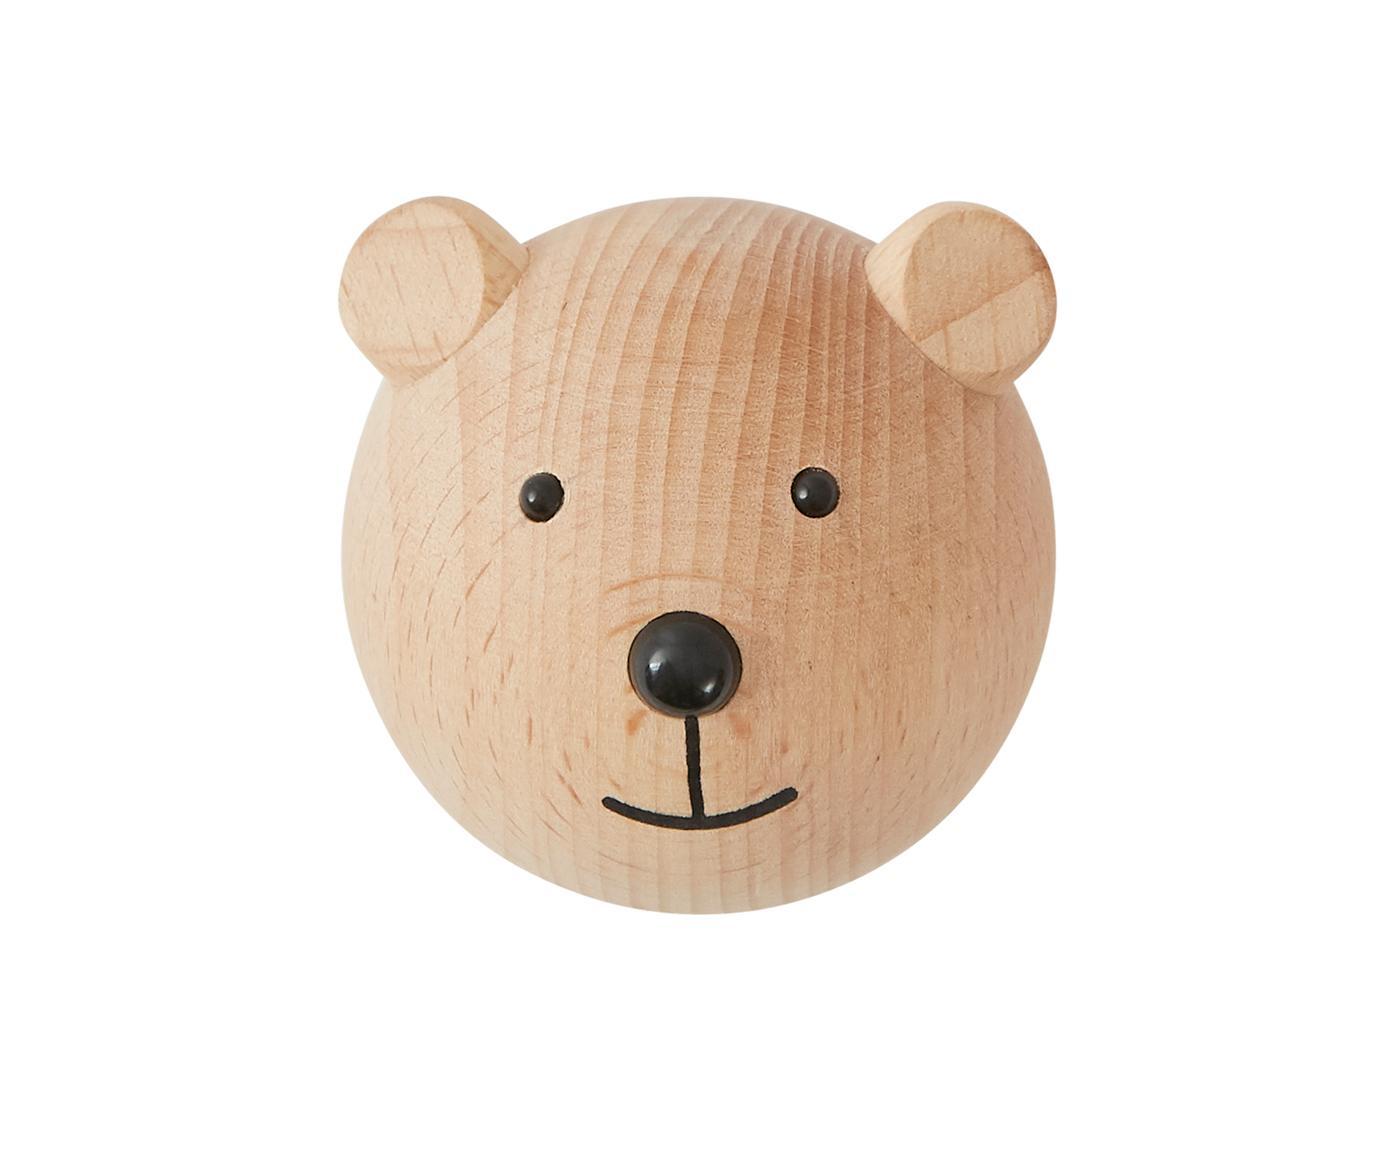 Hak ścienny z drewna bukowego Bear, Drewno bukowe, Drewno naturalne, czarny, S 5 x W 5 cm